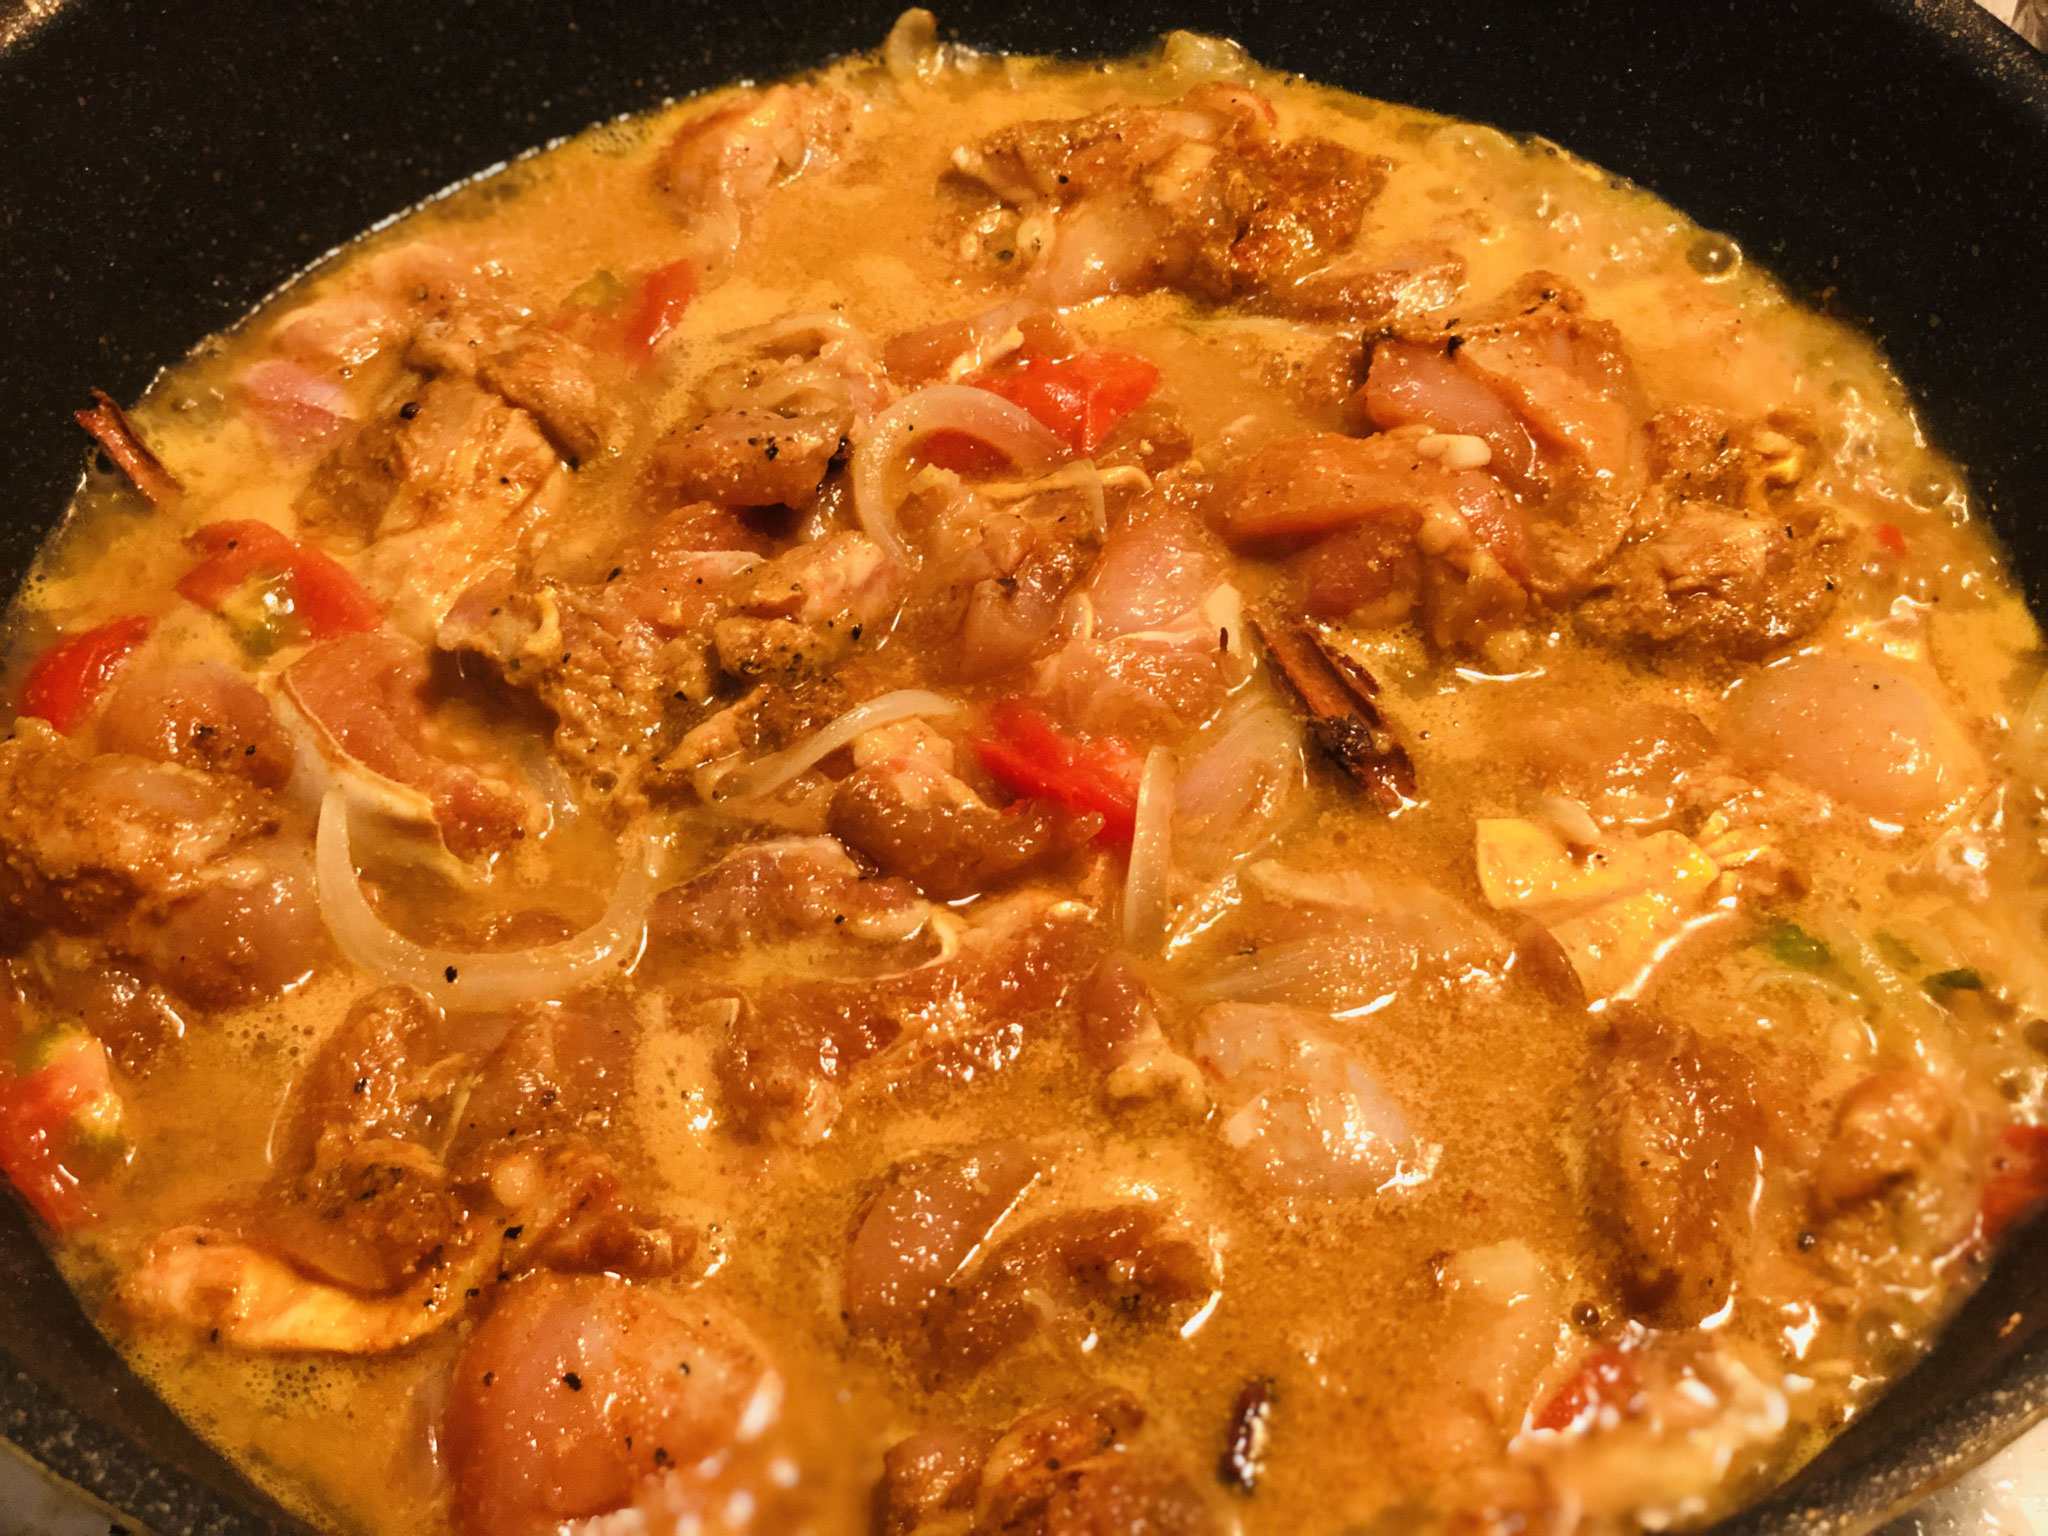 チキンもお鍋に入れて、よくまぜて材料が浸る程度のお水をいれ火にかける